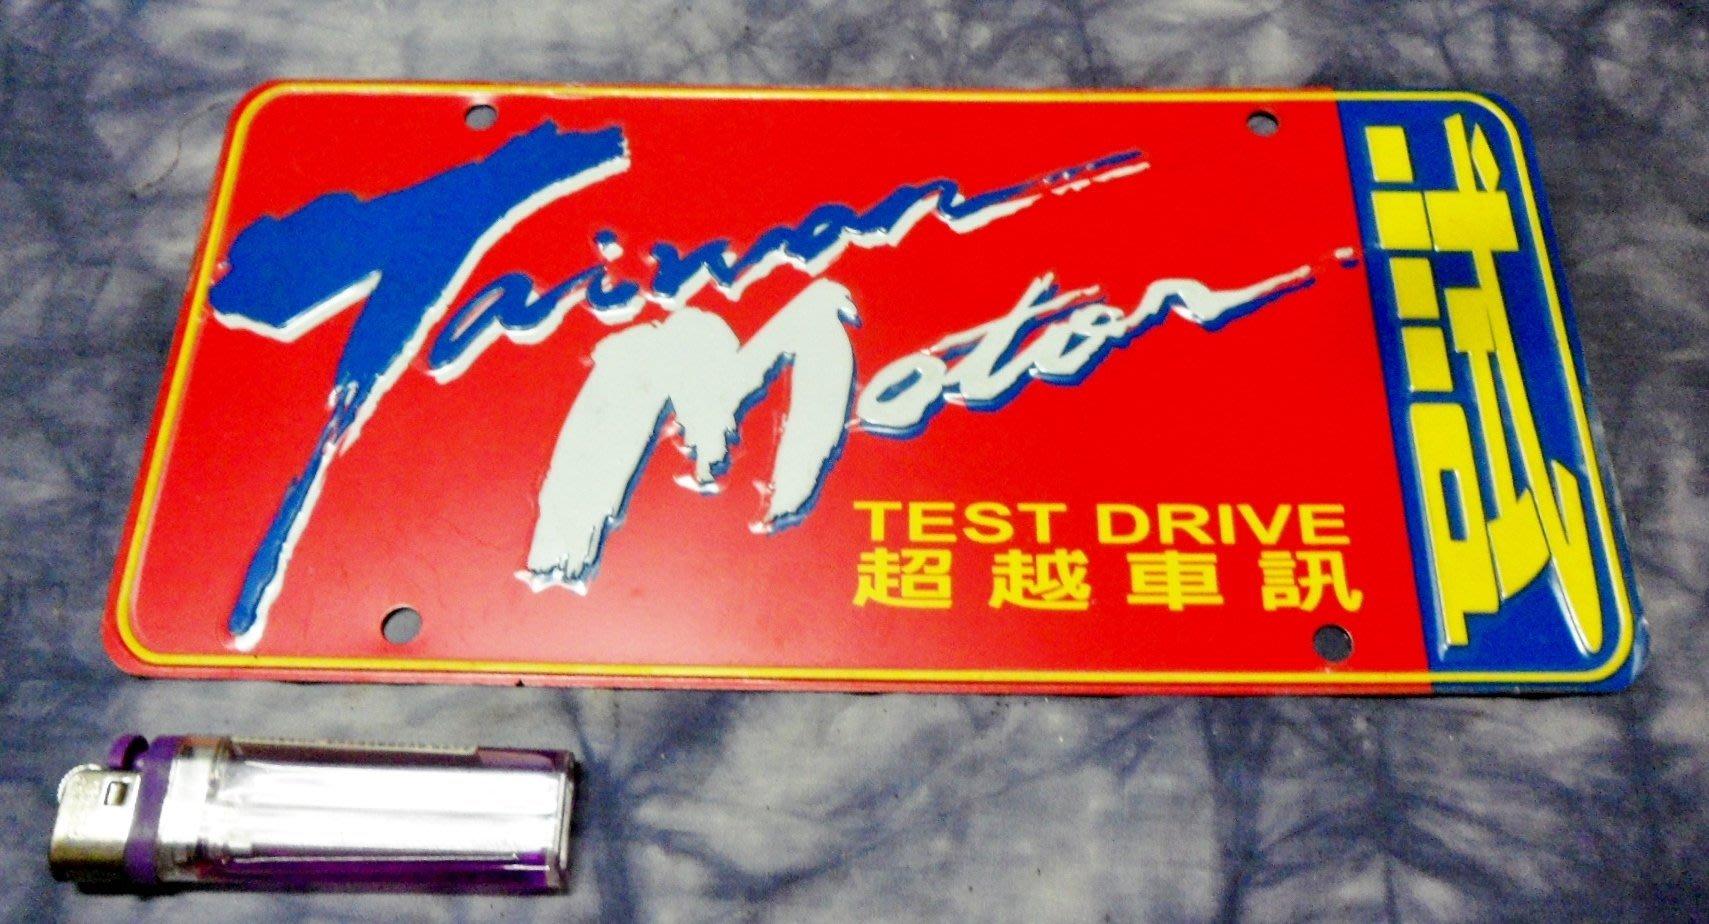 紅色小館-------------超越車訊 TEST DRIVE (紅色)